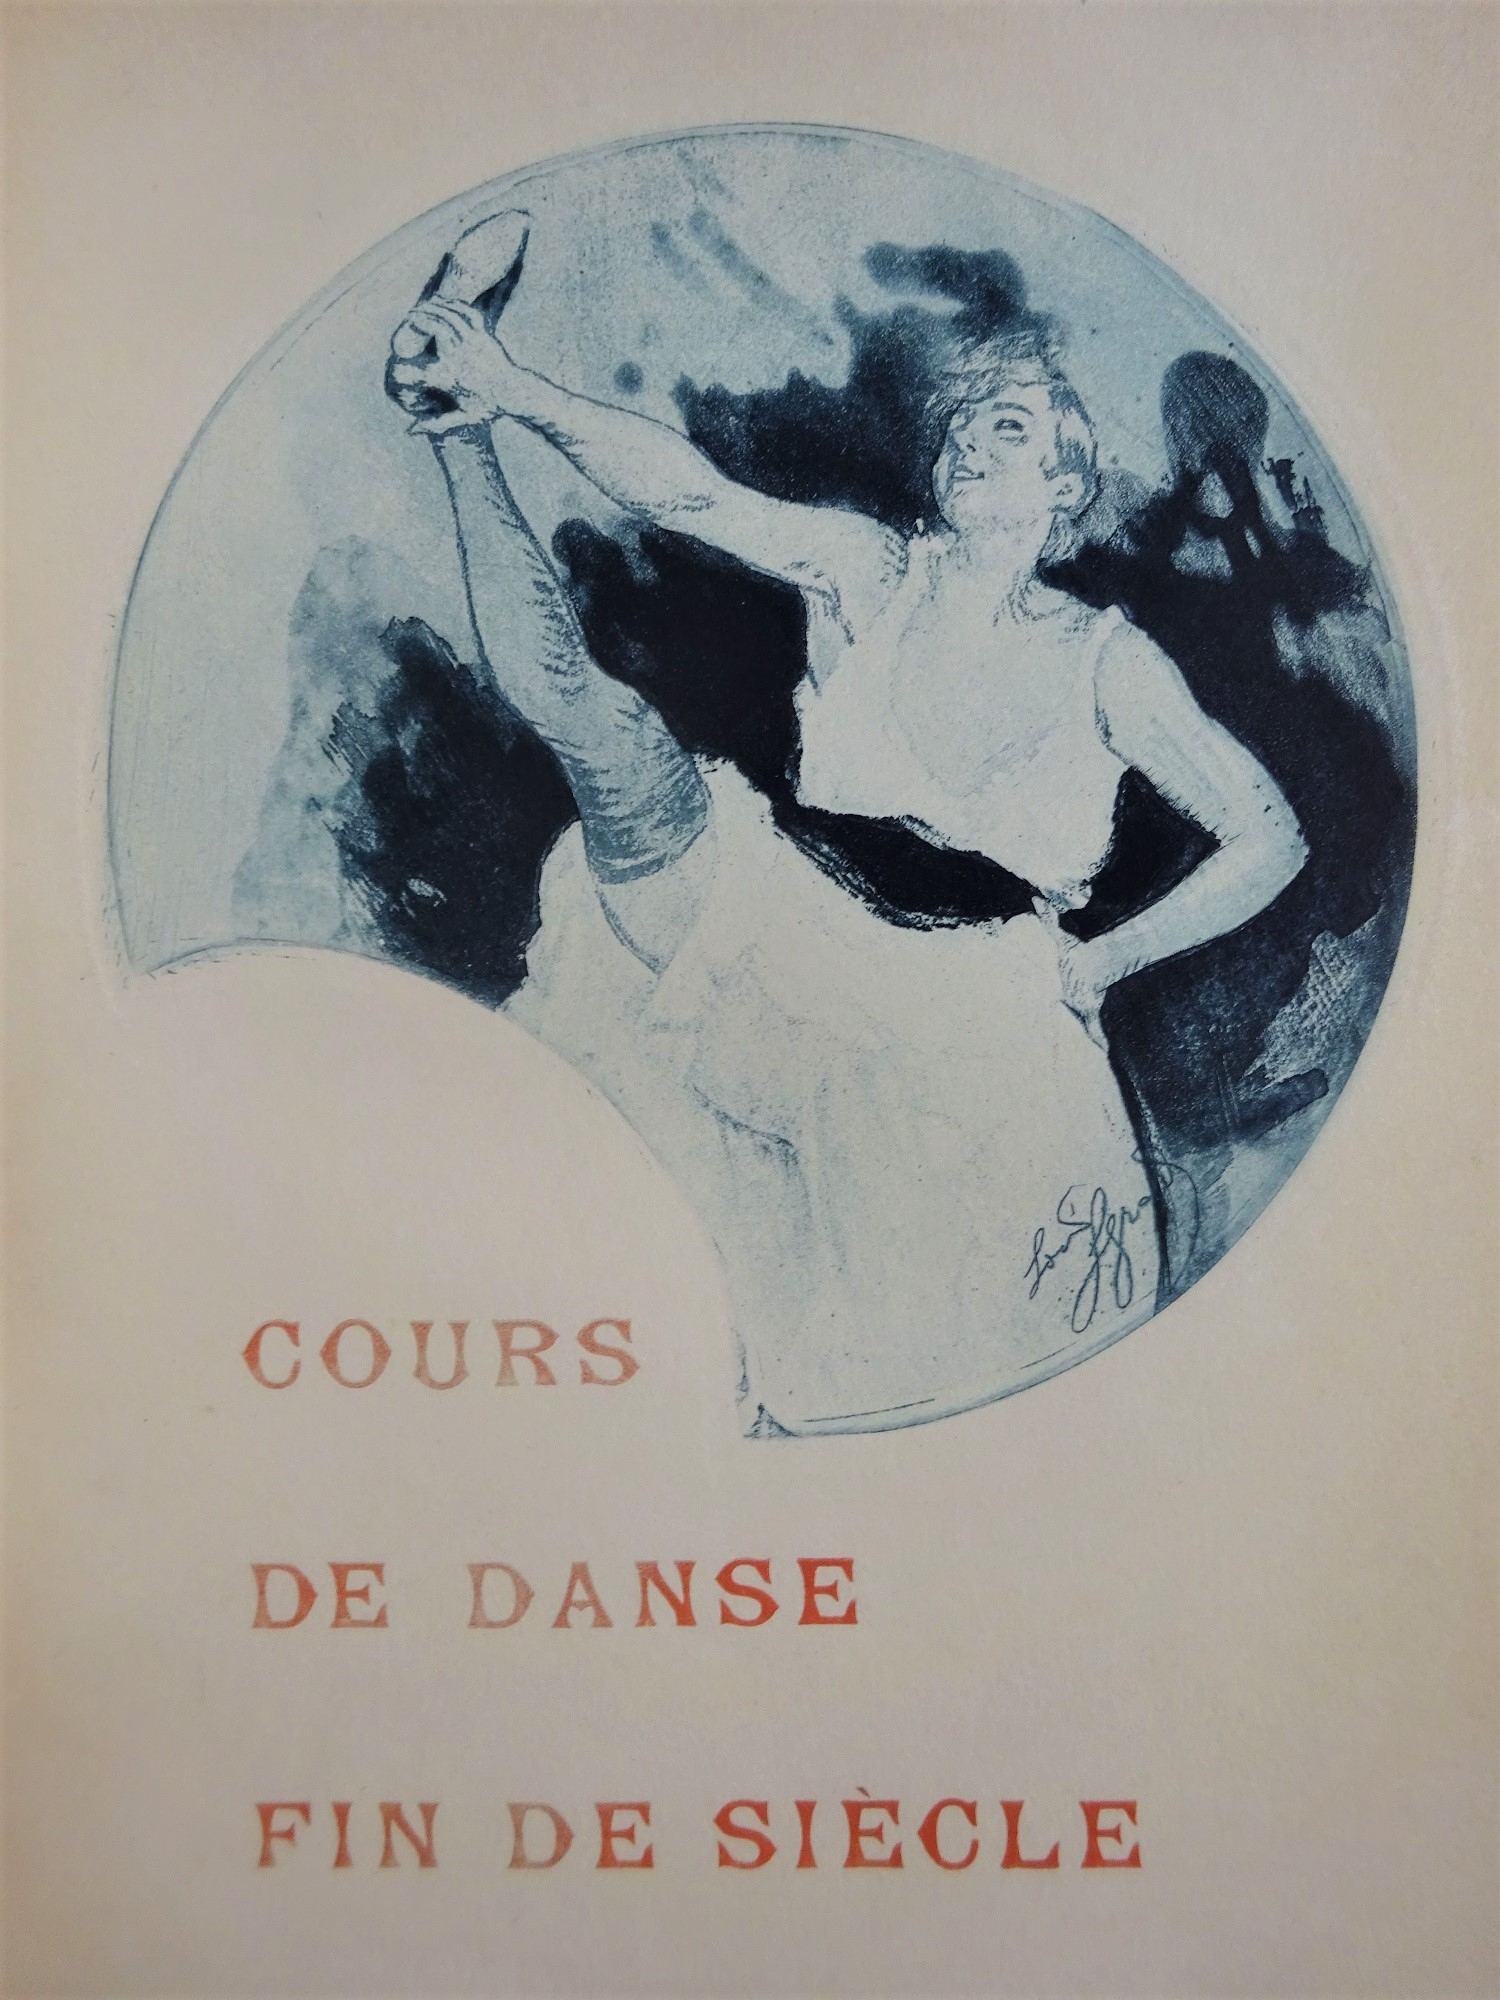 Cours de danse fin de siècle